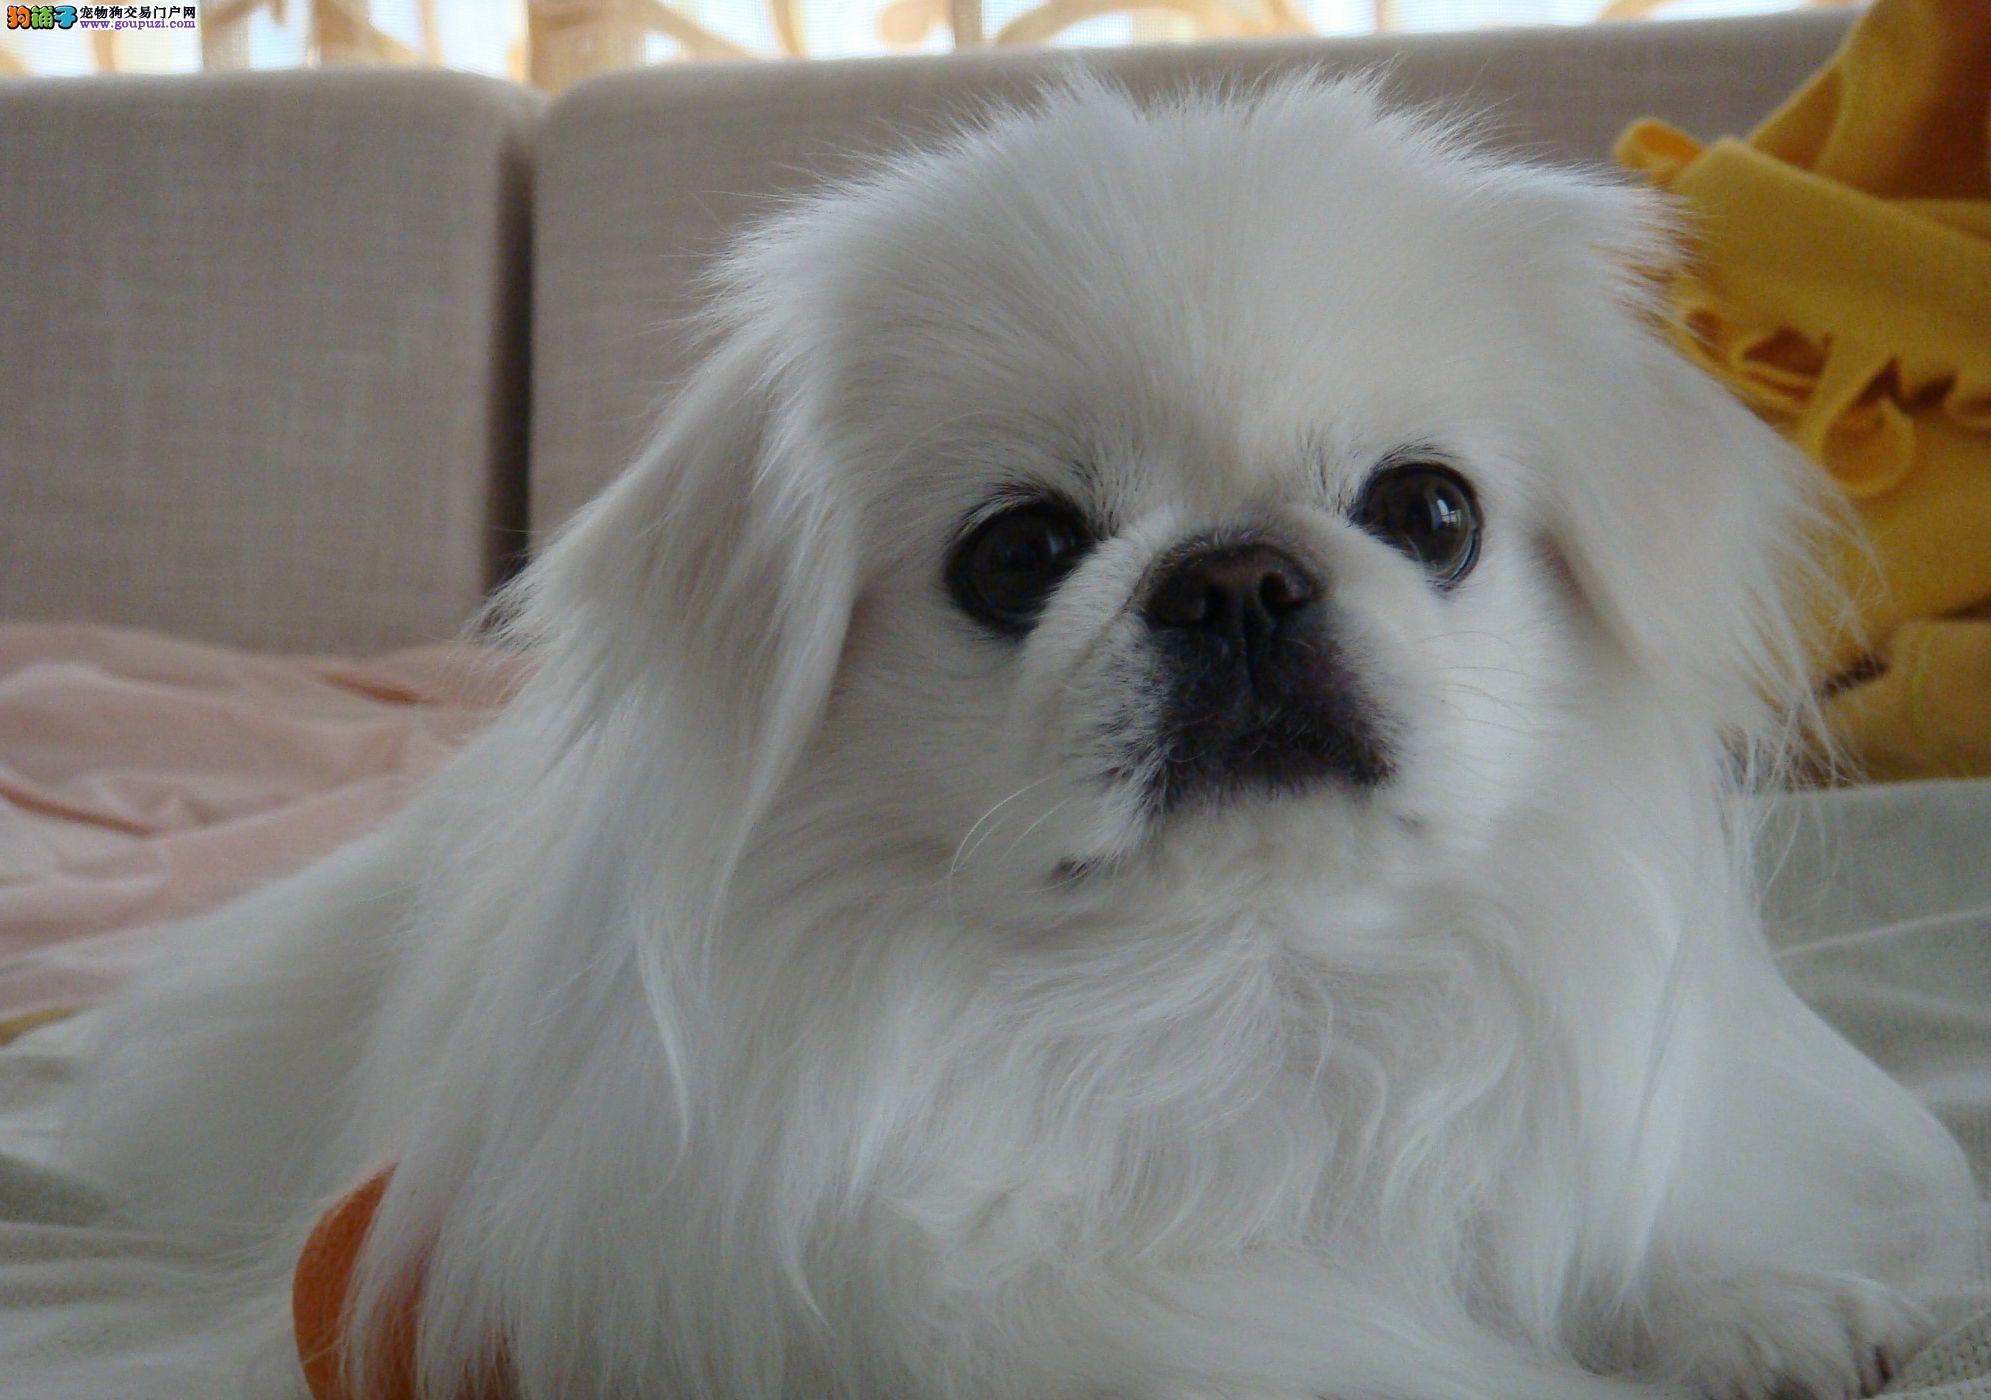 京巴长春最大的正规犬舍完美售后品质一流三包终身协议